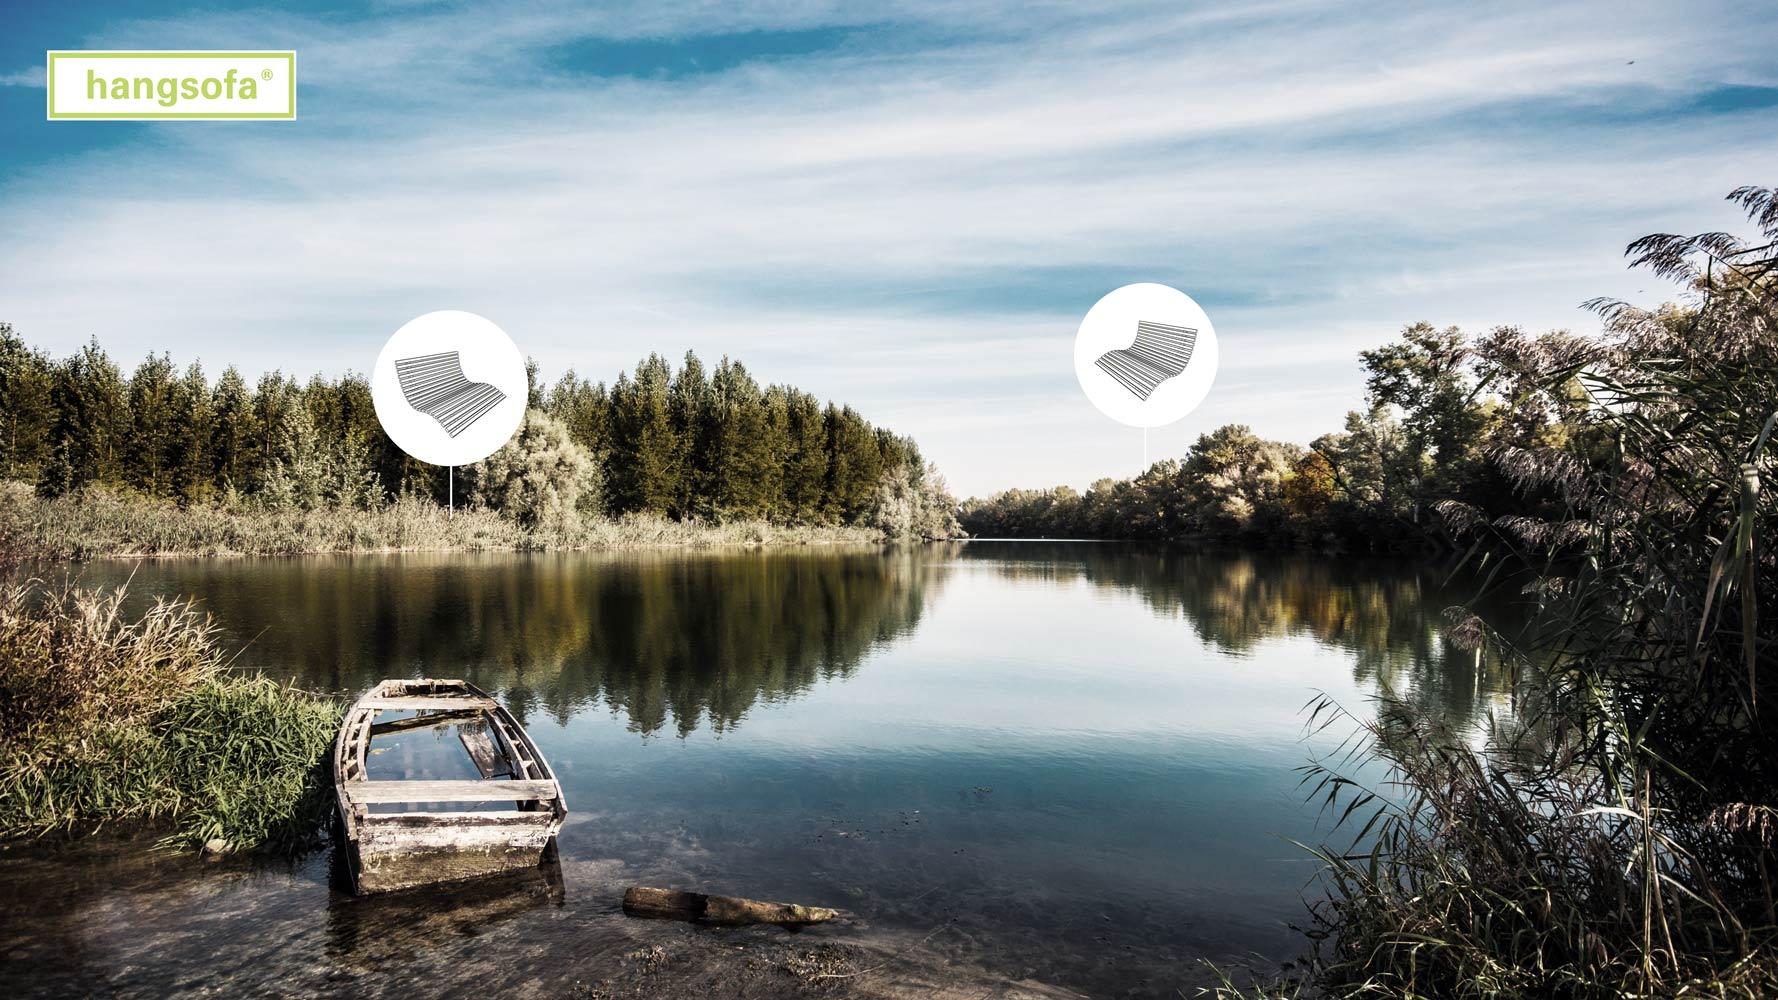 donauliege-liegebank-naturschutzgebiet-hangsofa